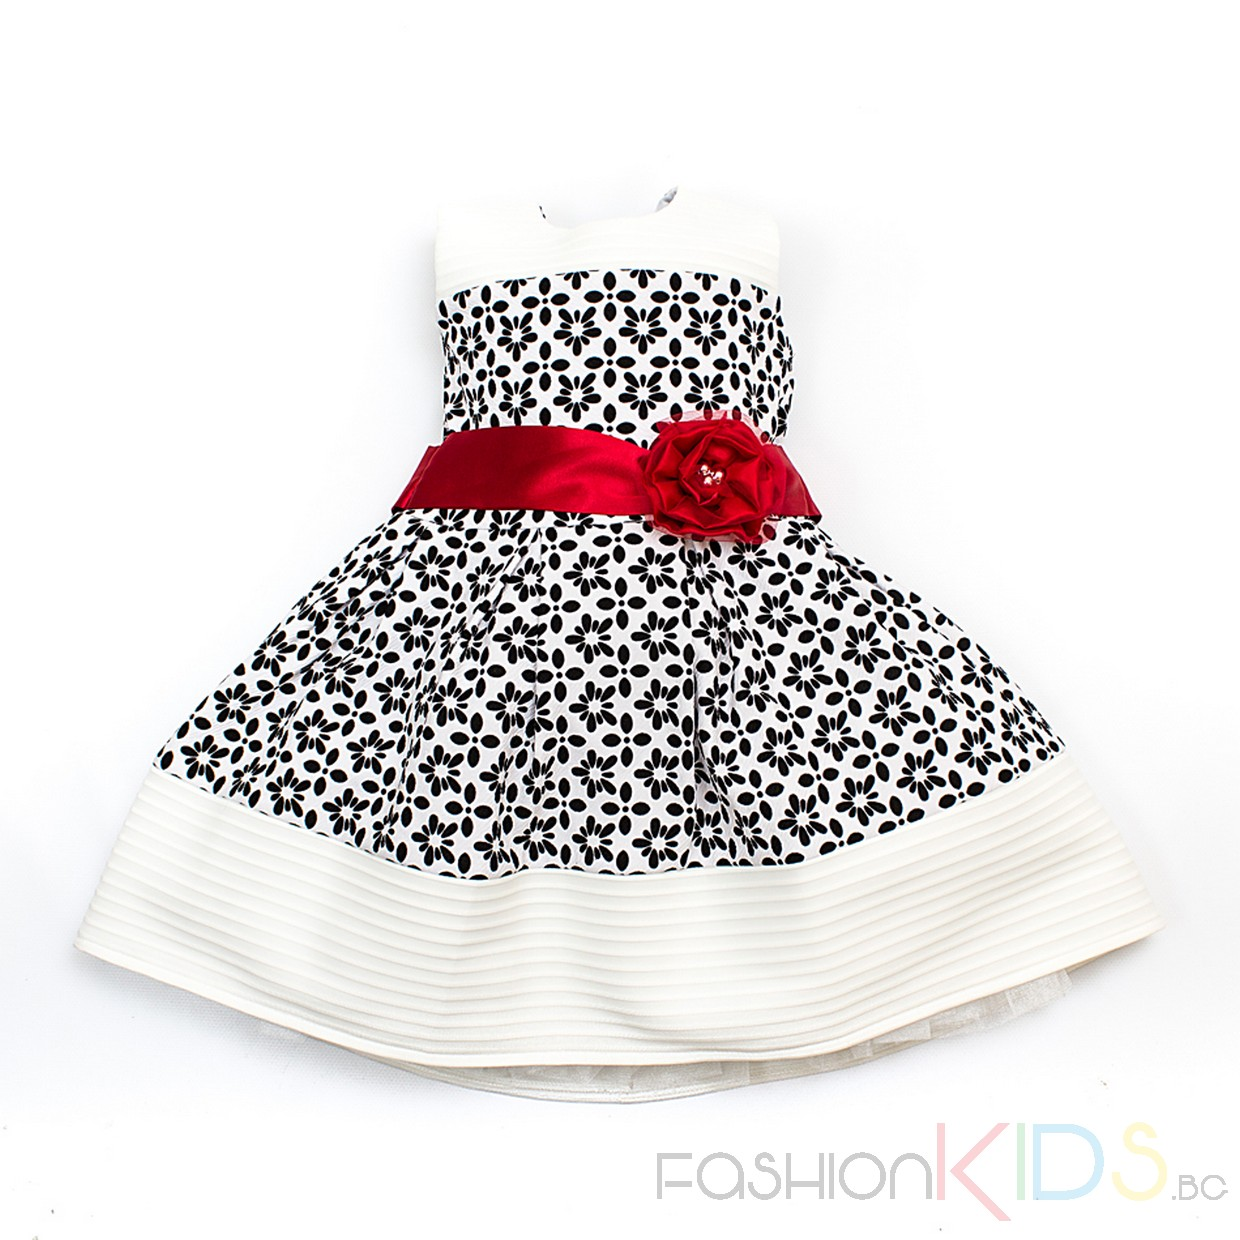 81a751db4a3 Чудесна детска рокля в класическа кройка с къс ръкав. Моделът се закопчава  със скрит цип